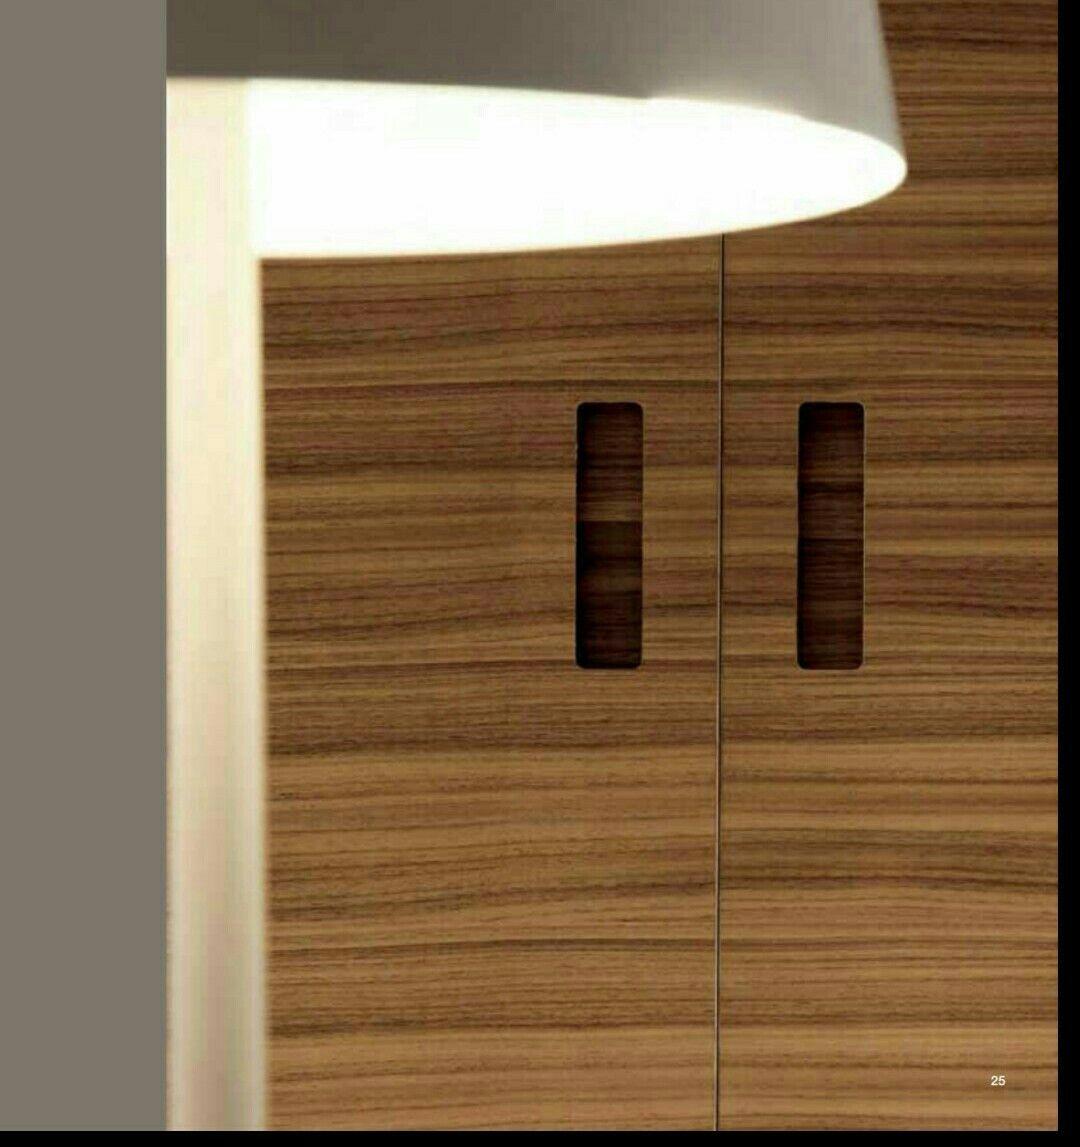 Bed nightstand bedroom closet slidingdoors leafdoors